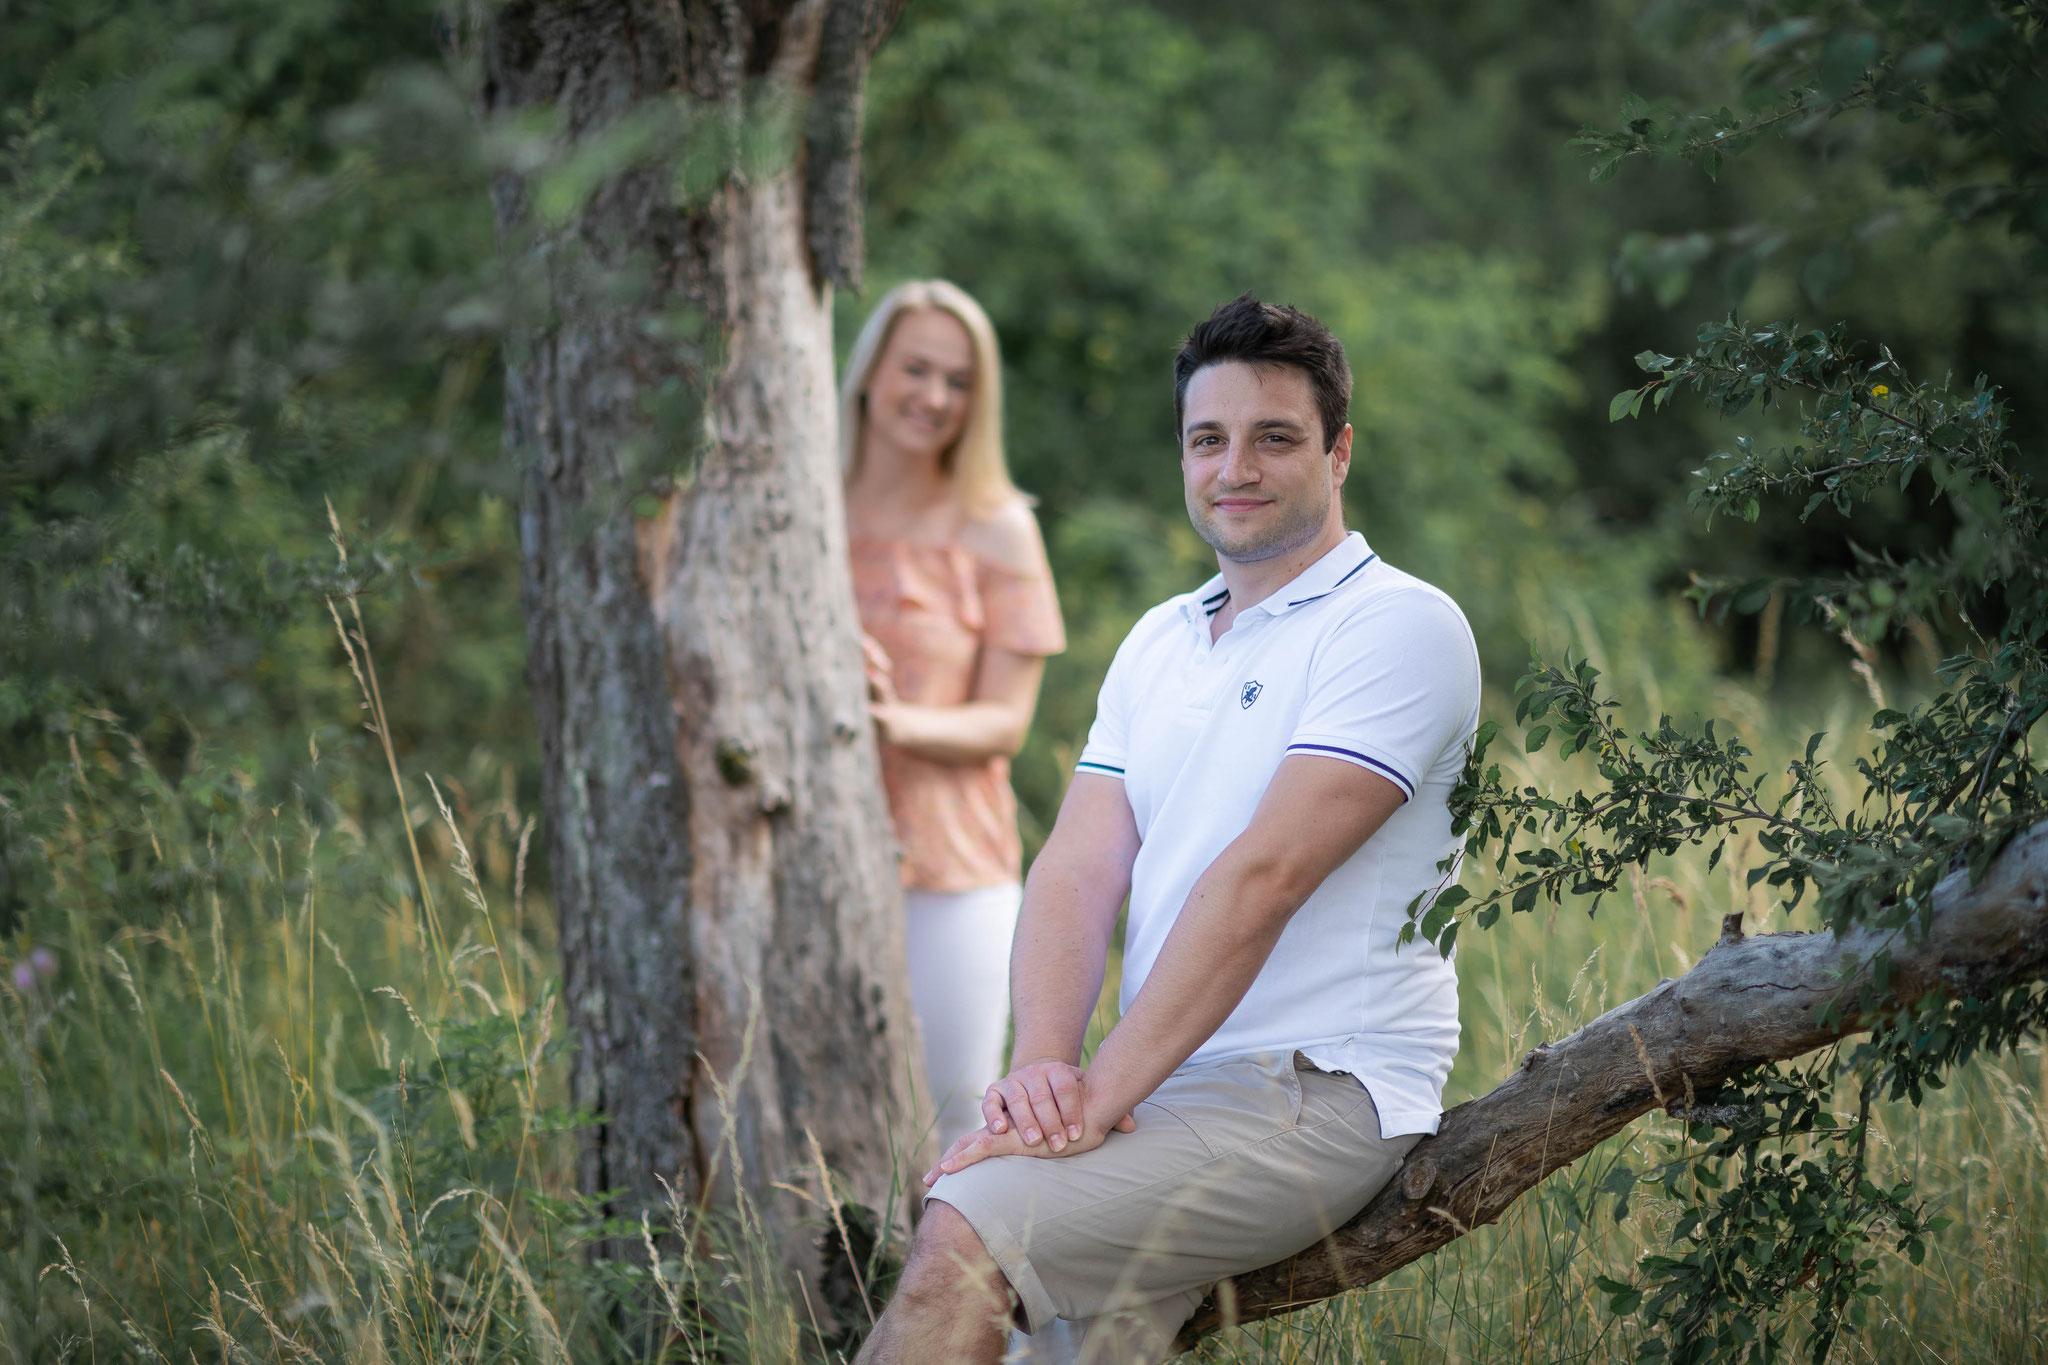 Professioneller Fotograf für Aufnahmen vor der Hochzeit